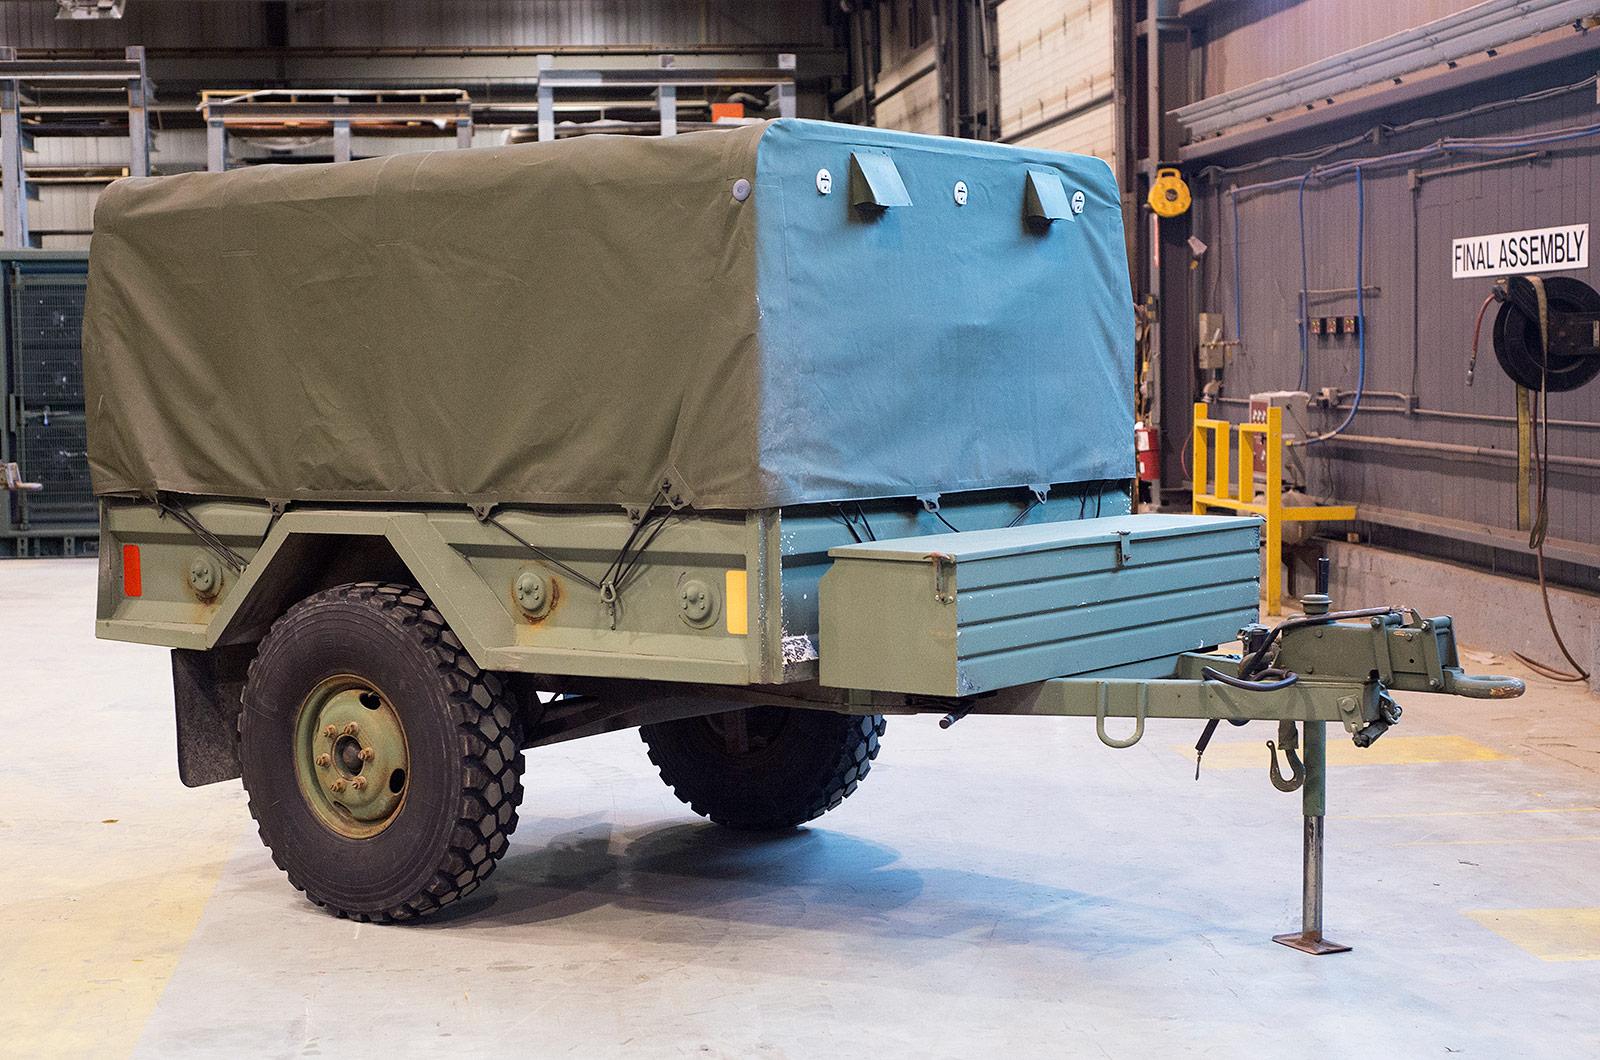 Luxury Army Mobile Kitchen Trailer Sketch - Interior Design Ideas ...